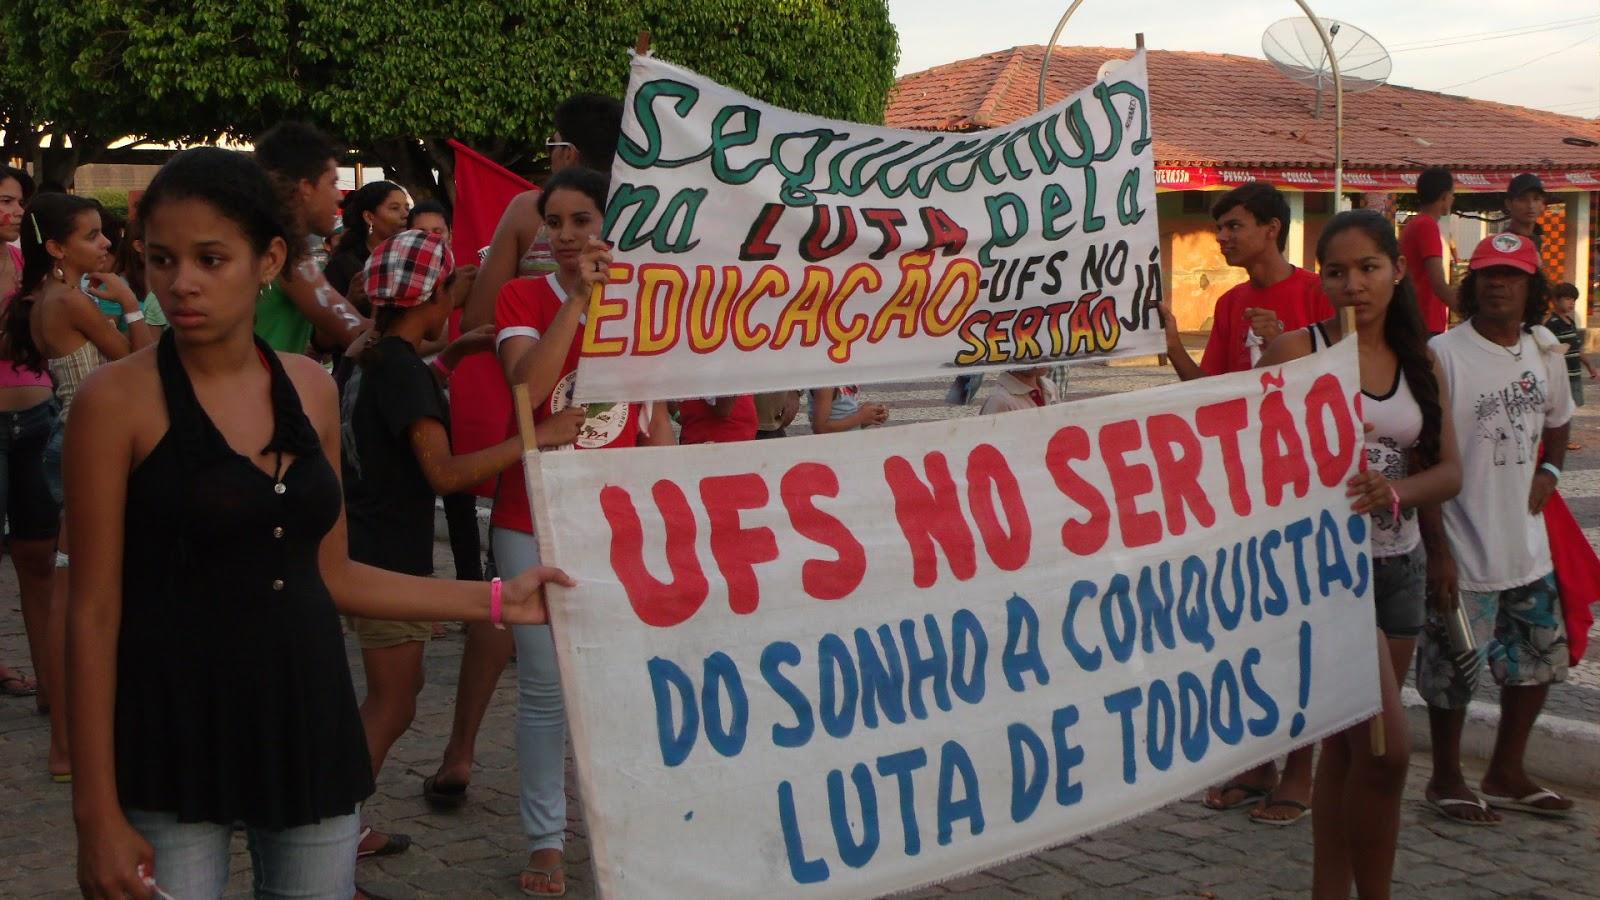 A Juventude do Alto Sertão Sergipano reafirma a luta para o campus da UFS no Sertão